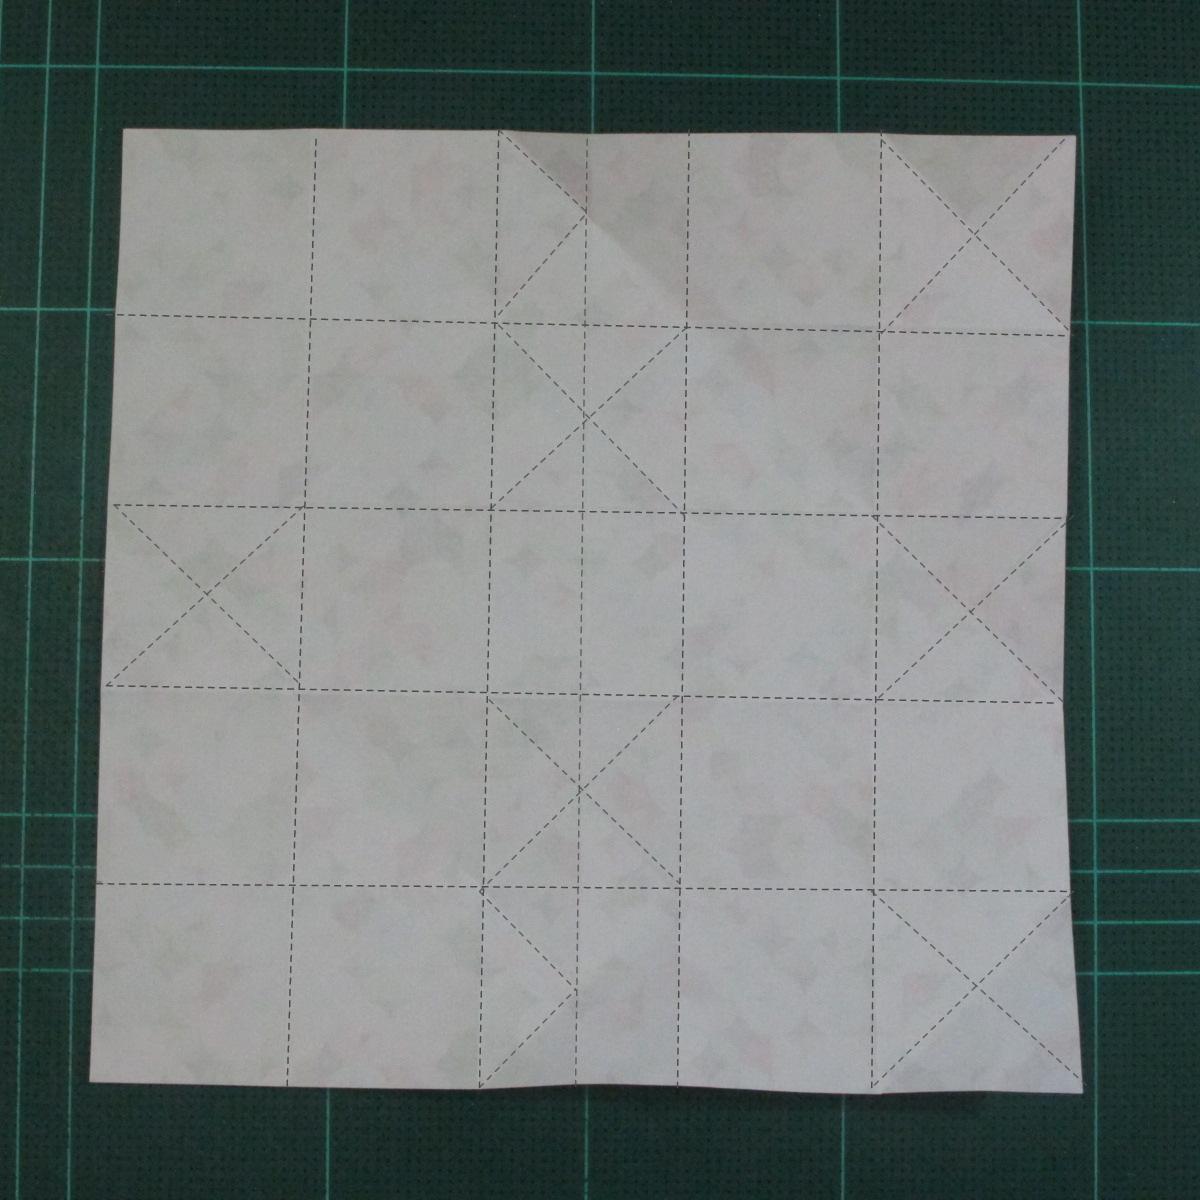 วิธีพับกล่องของขวัญแบบมีฝาปิด (Origami Present Box With Lid) 013